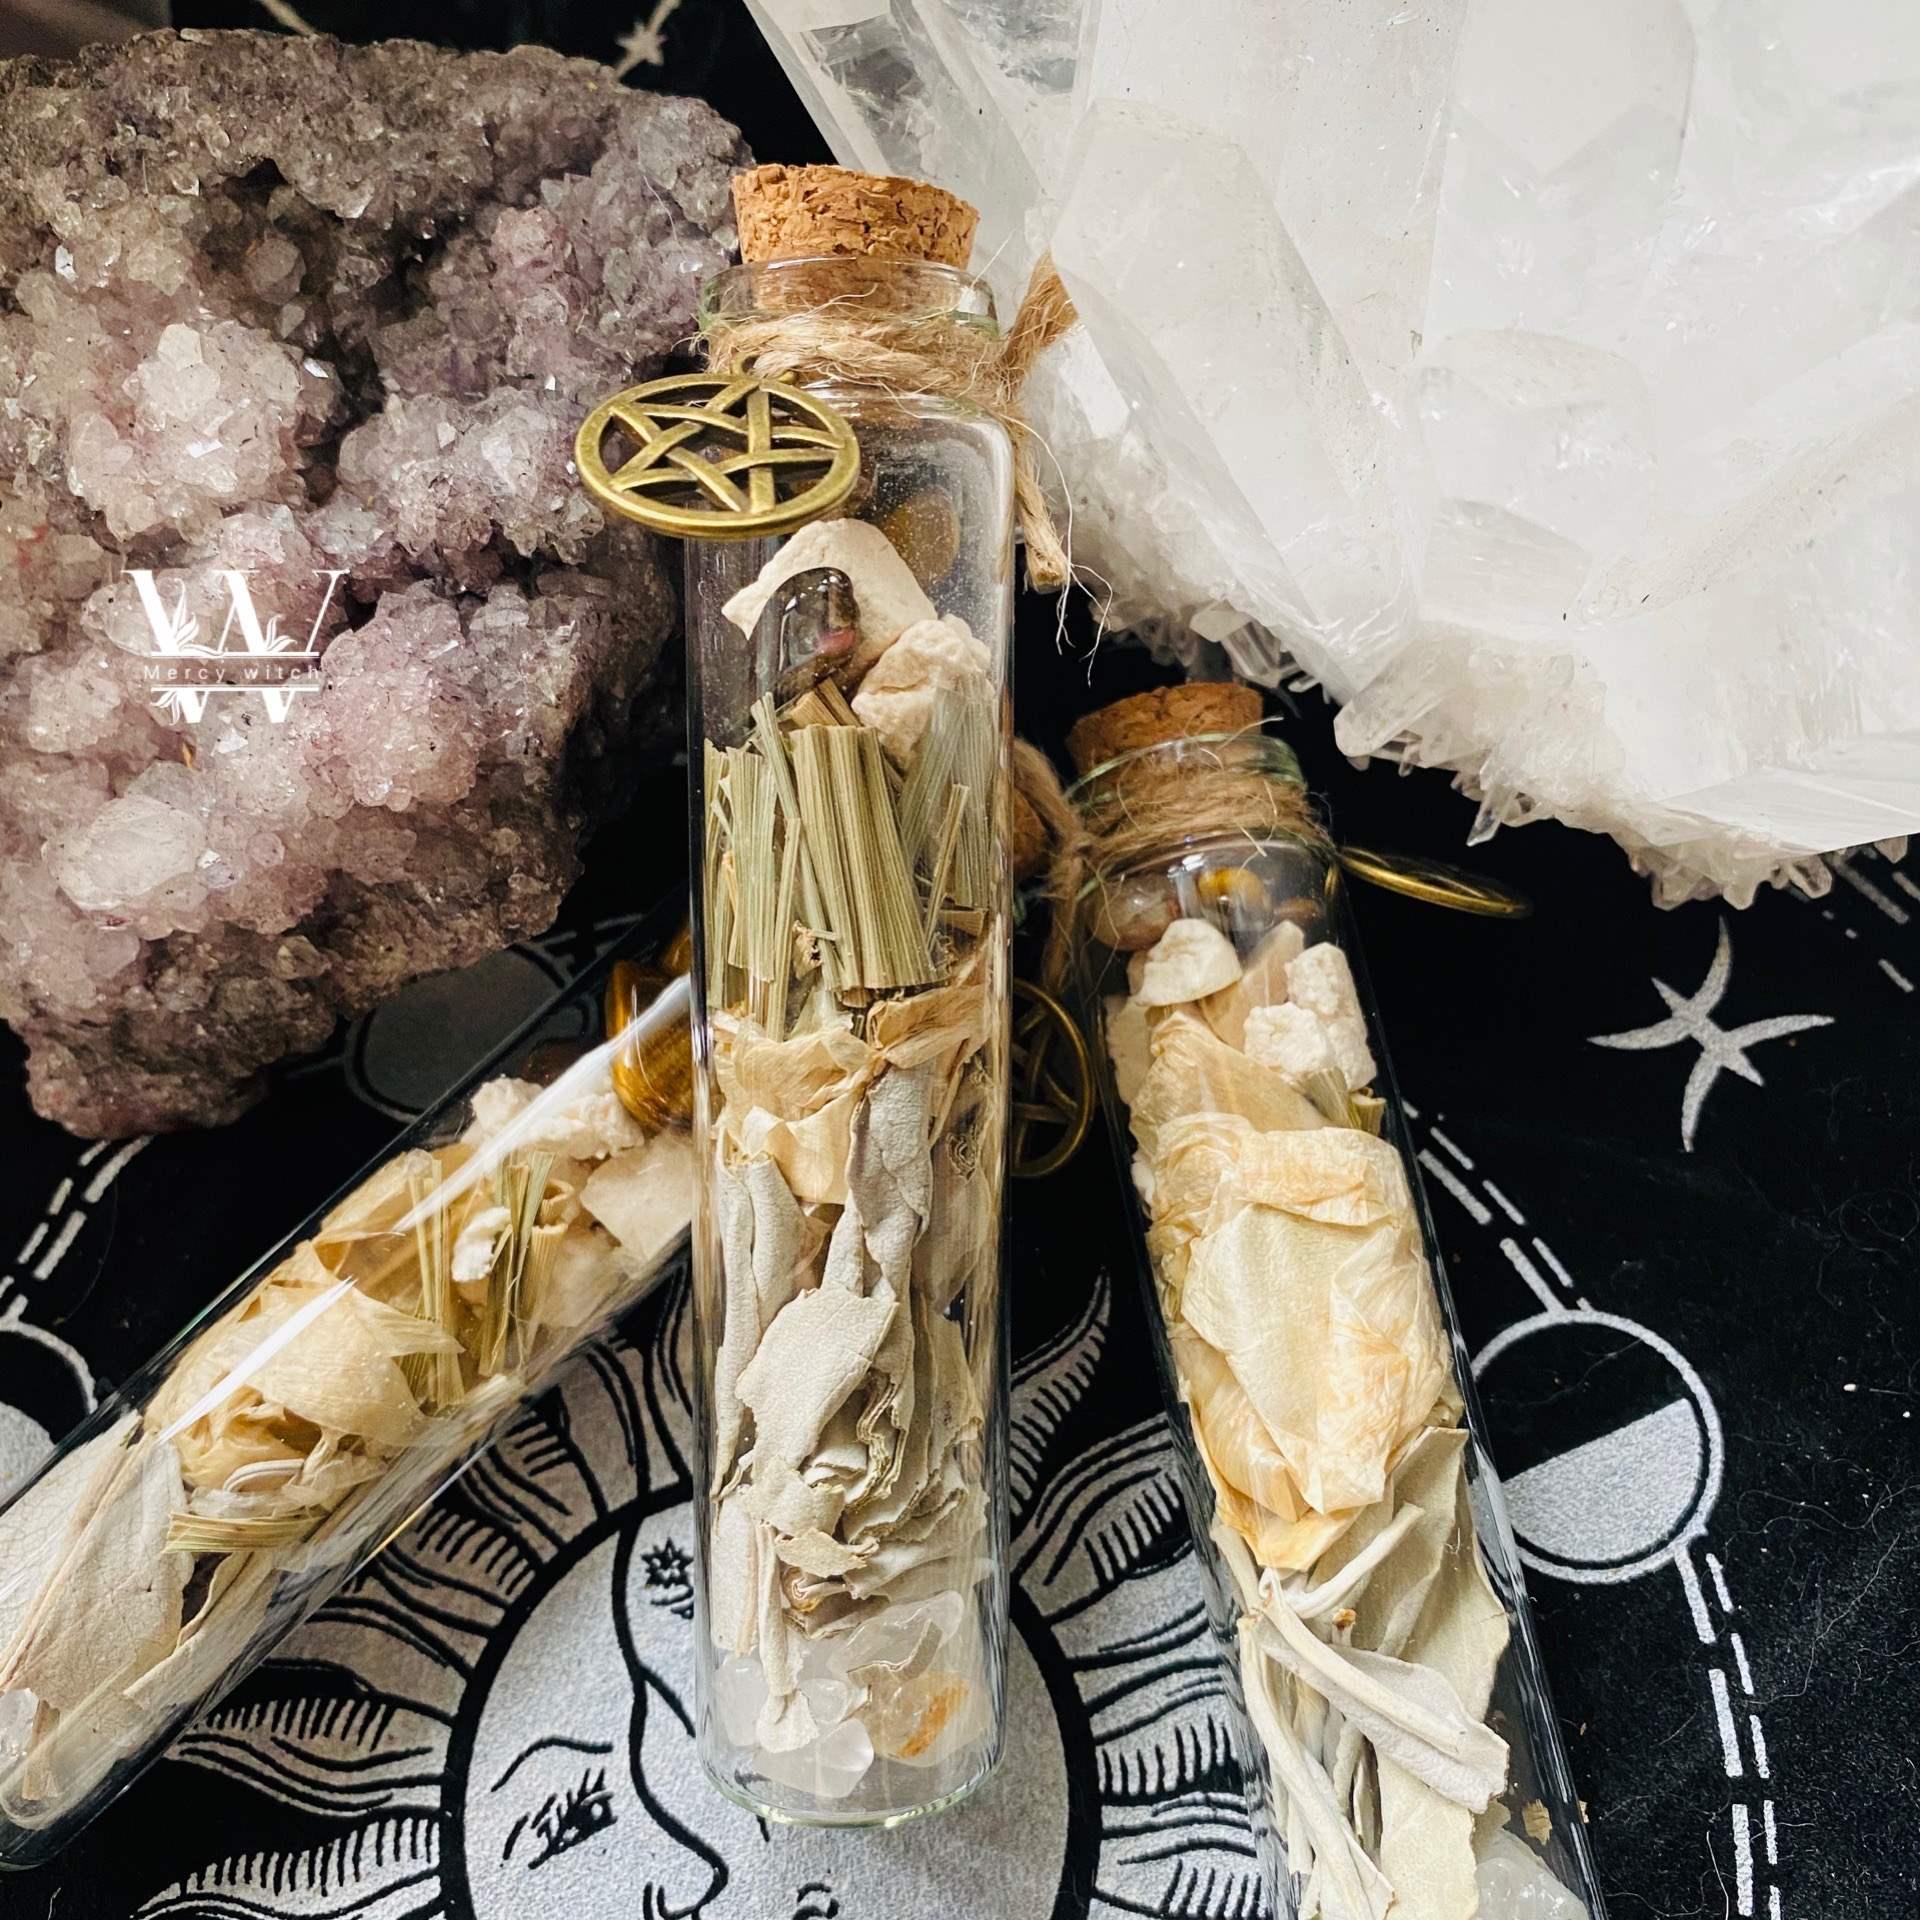 【默西】女巫魔法草药许愿磨咒瓶 财运旺桃花保护 幸运护身符